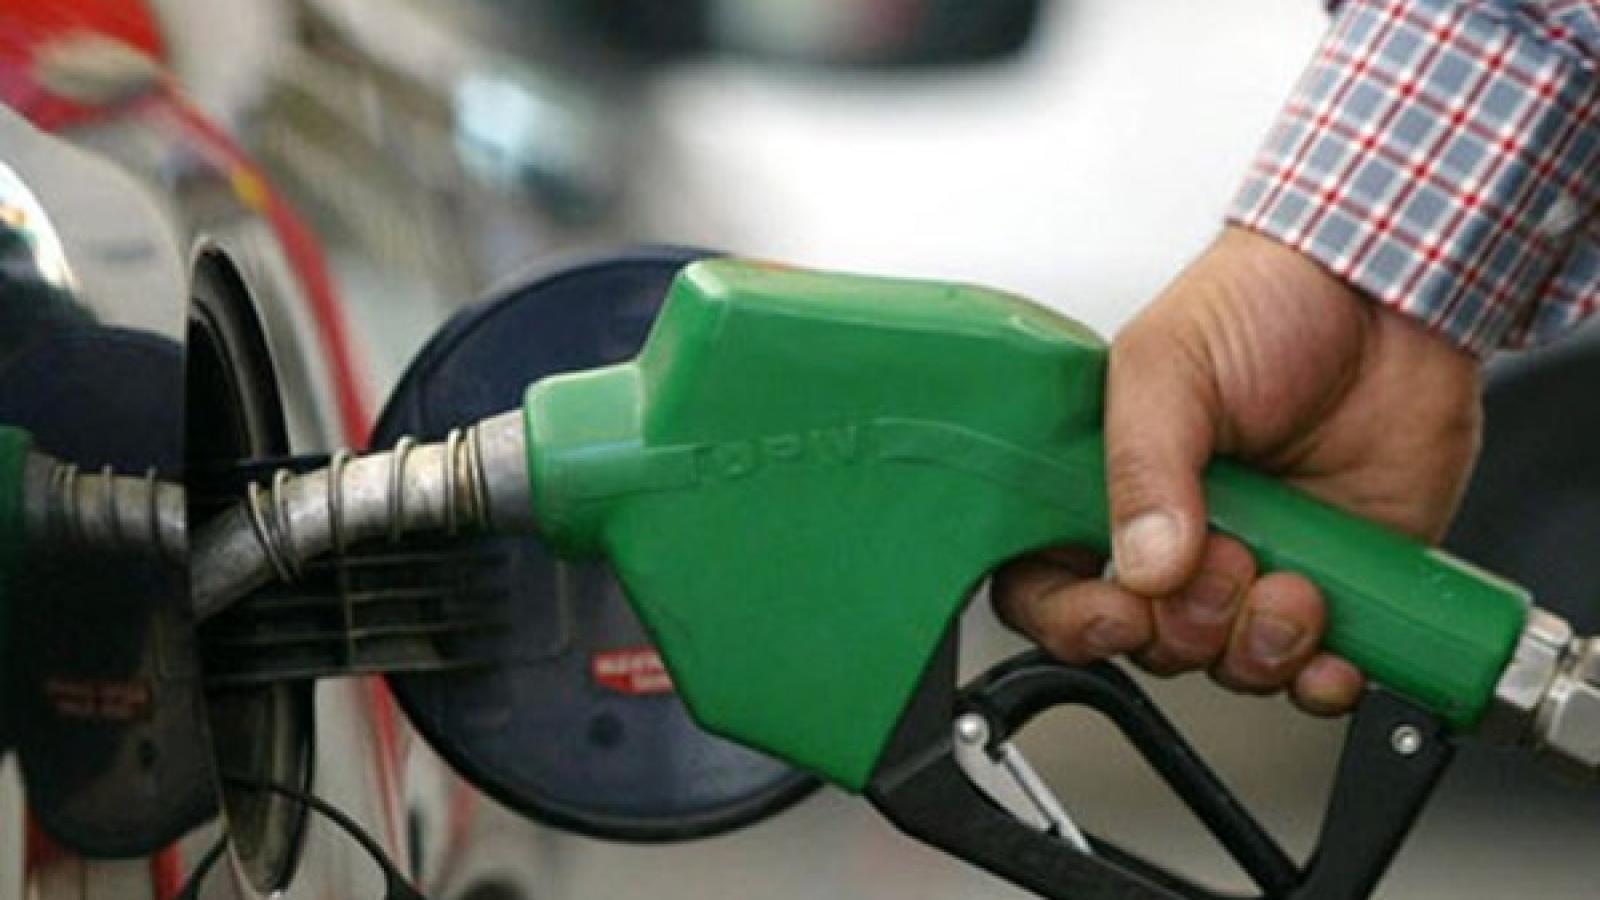 میانگین مصرف روزانه بنزین کشور از مرز 75 میلیون لیتر گذشت - اجاره خودرو طباطبایی